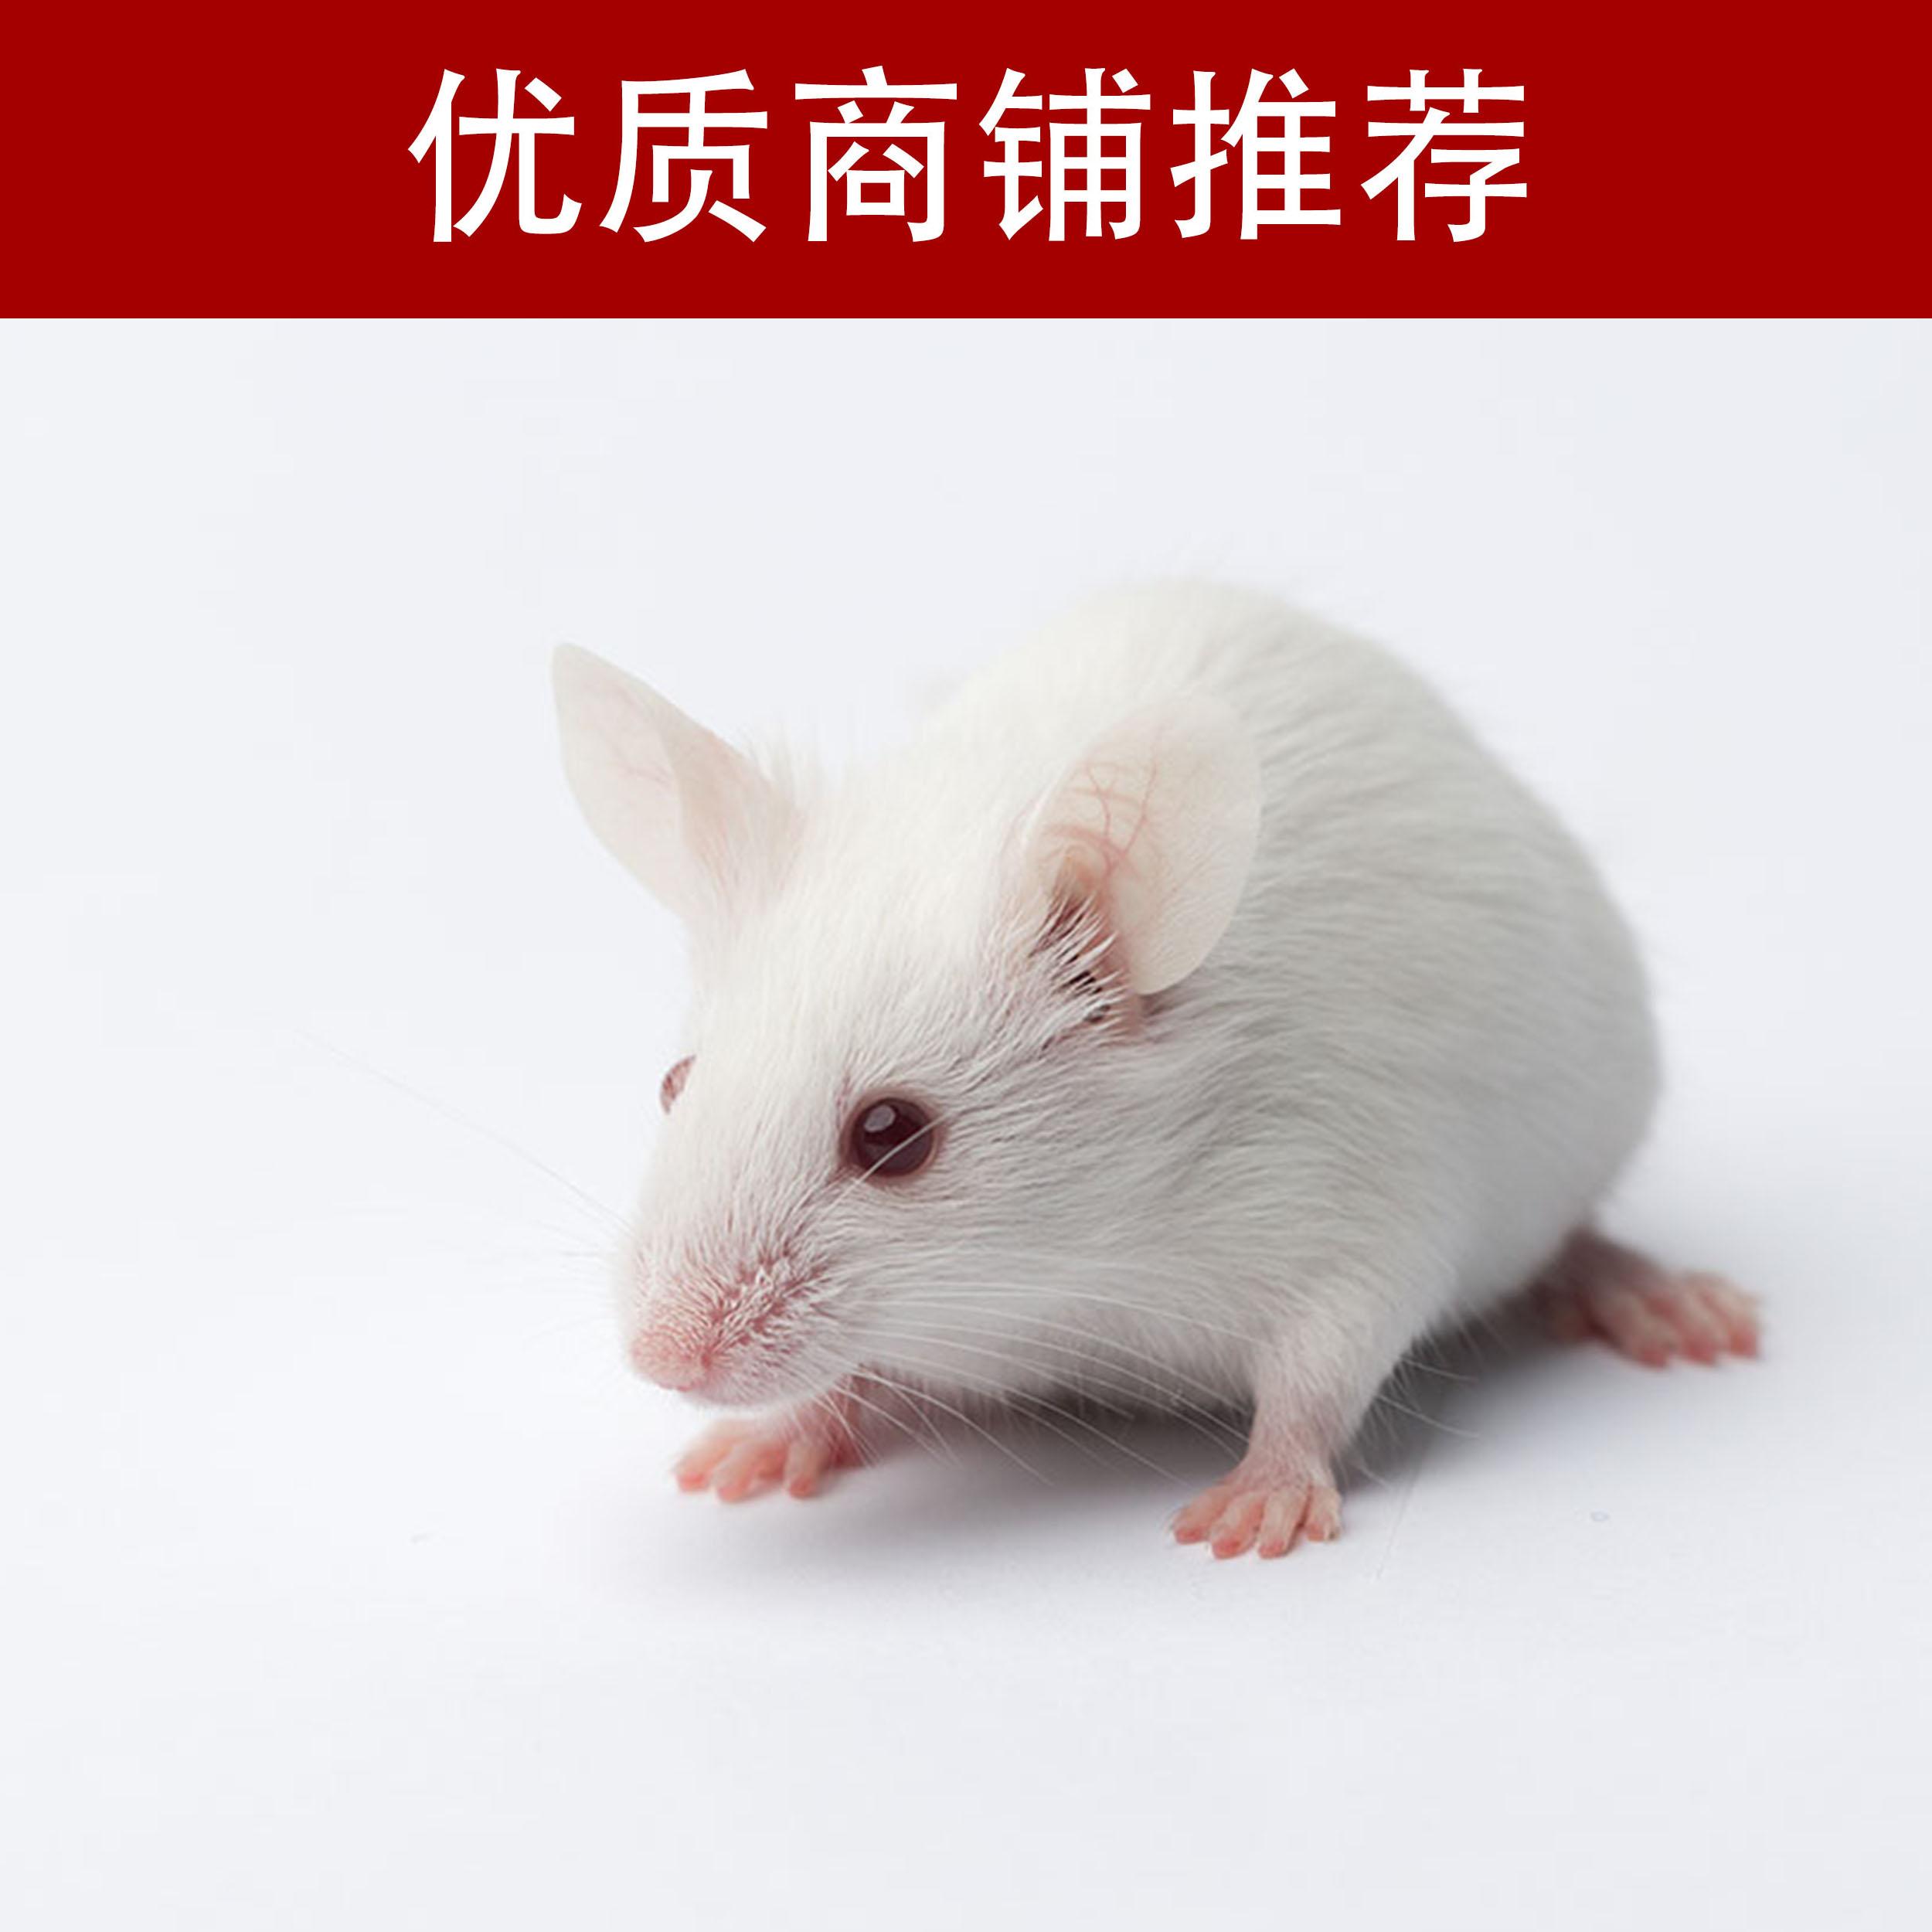 肺间质纤维化动物模型制备